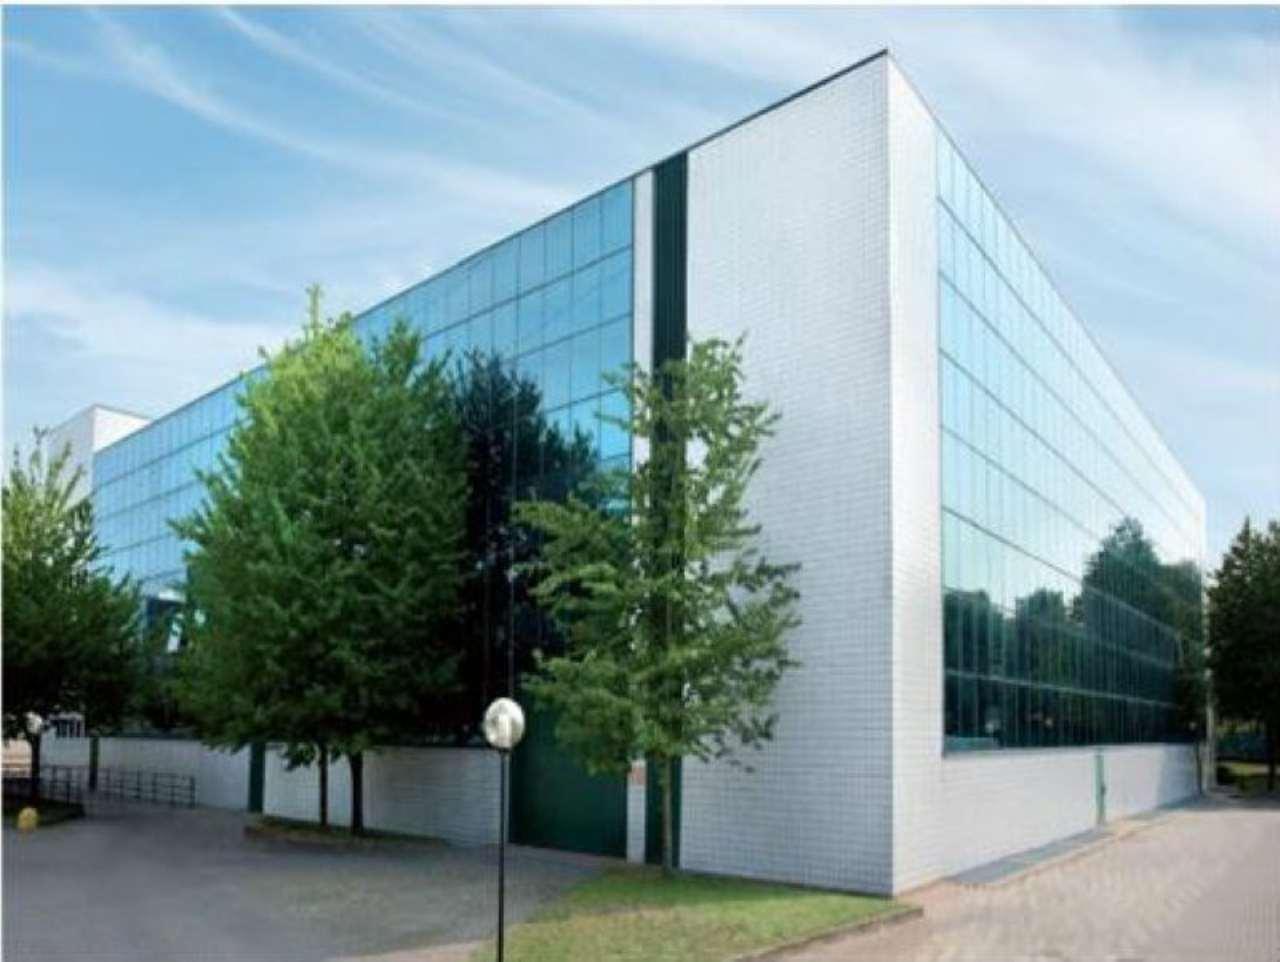 Ufficio / Studio in affitto a Vimodrone, 5 locali, prezzo € 7.900 | Cambio Casa.it